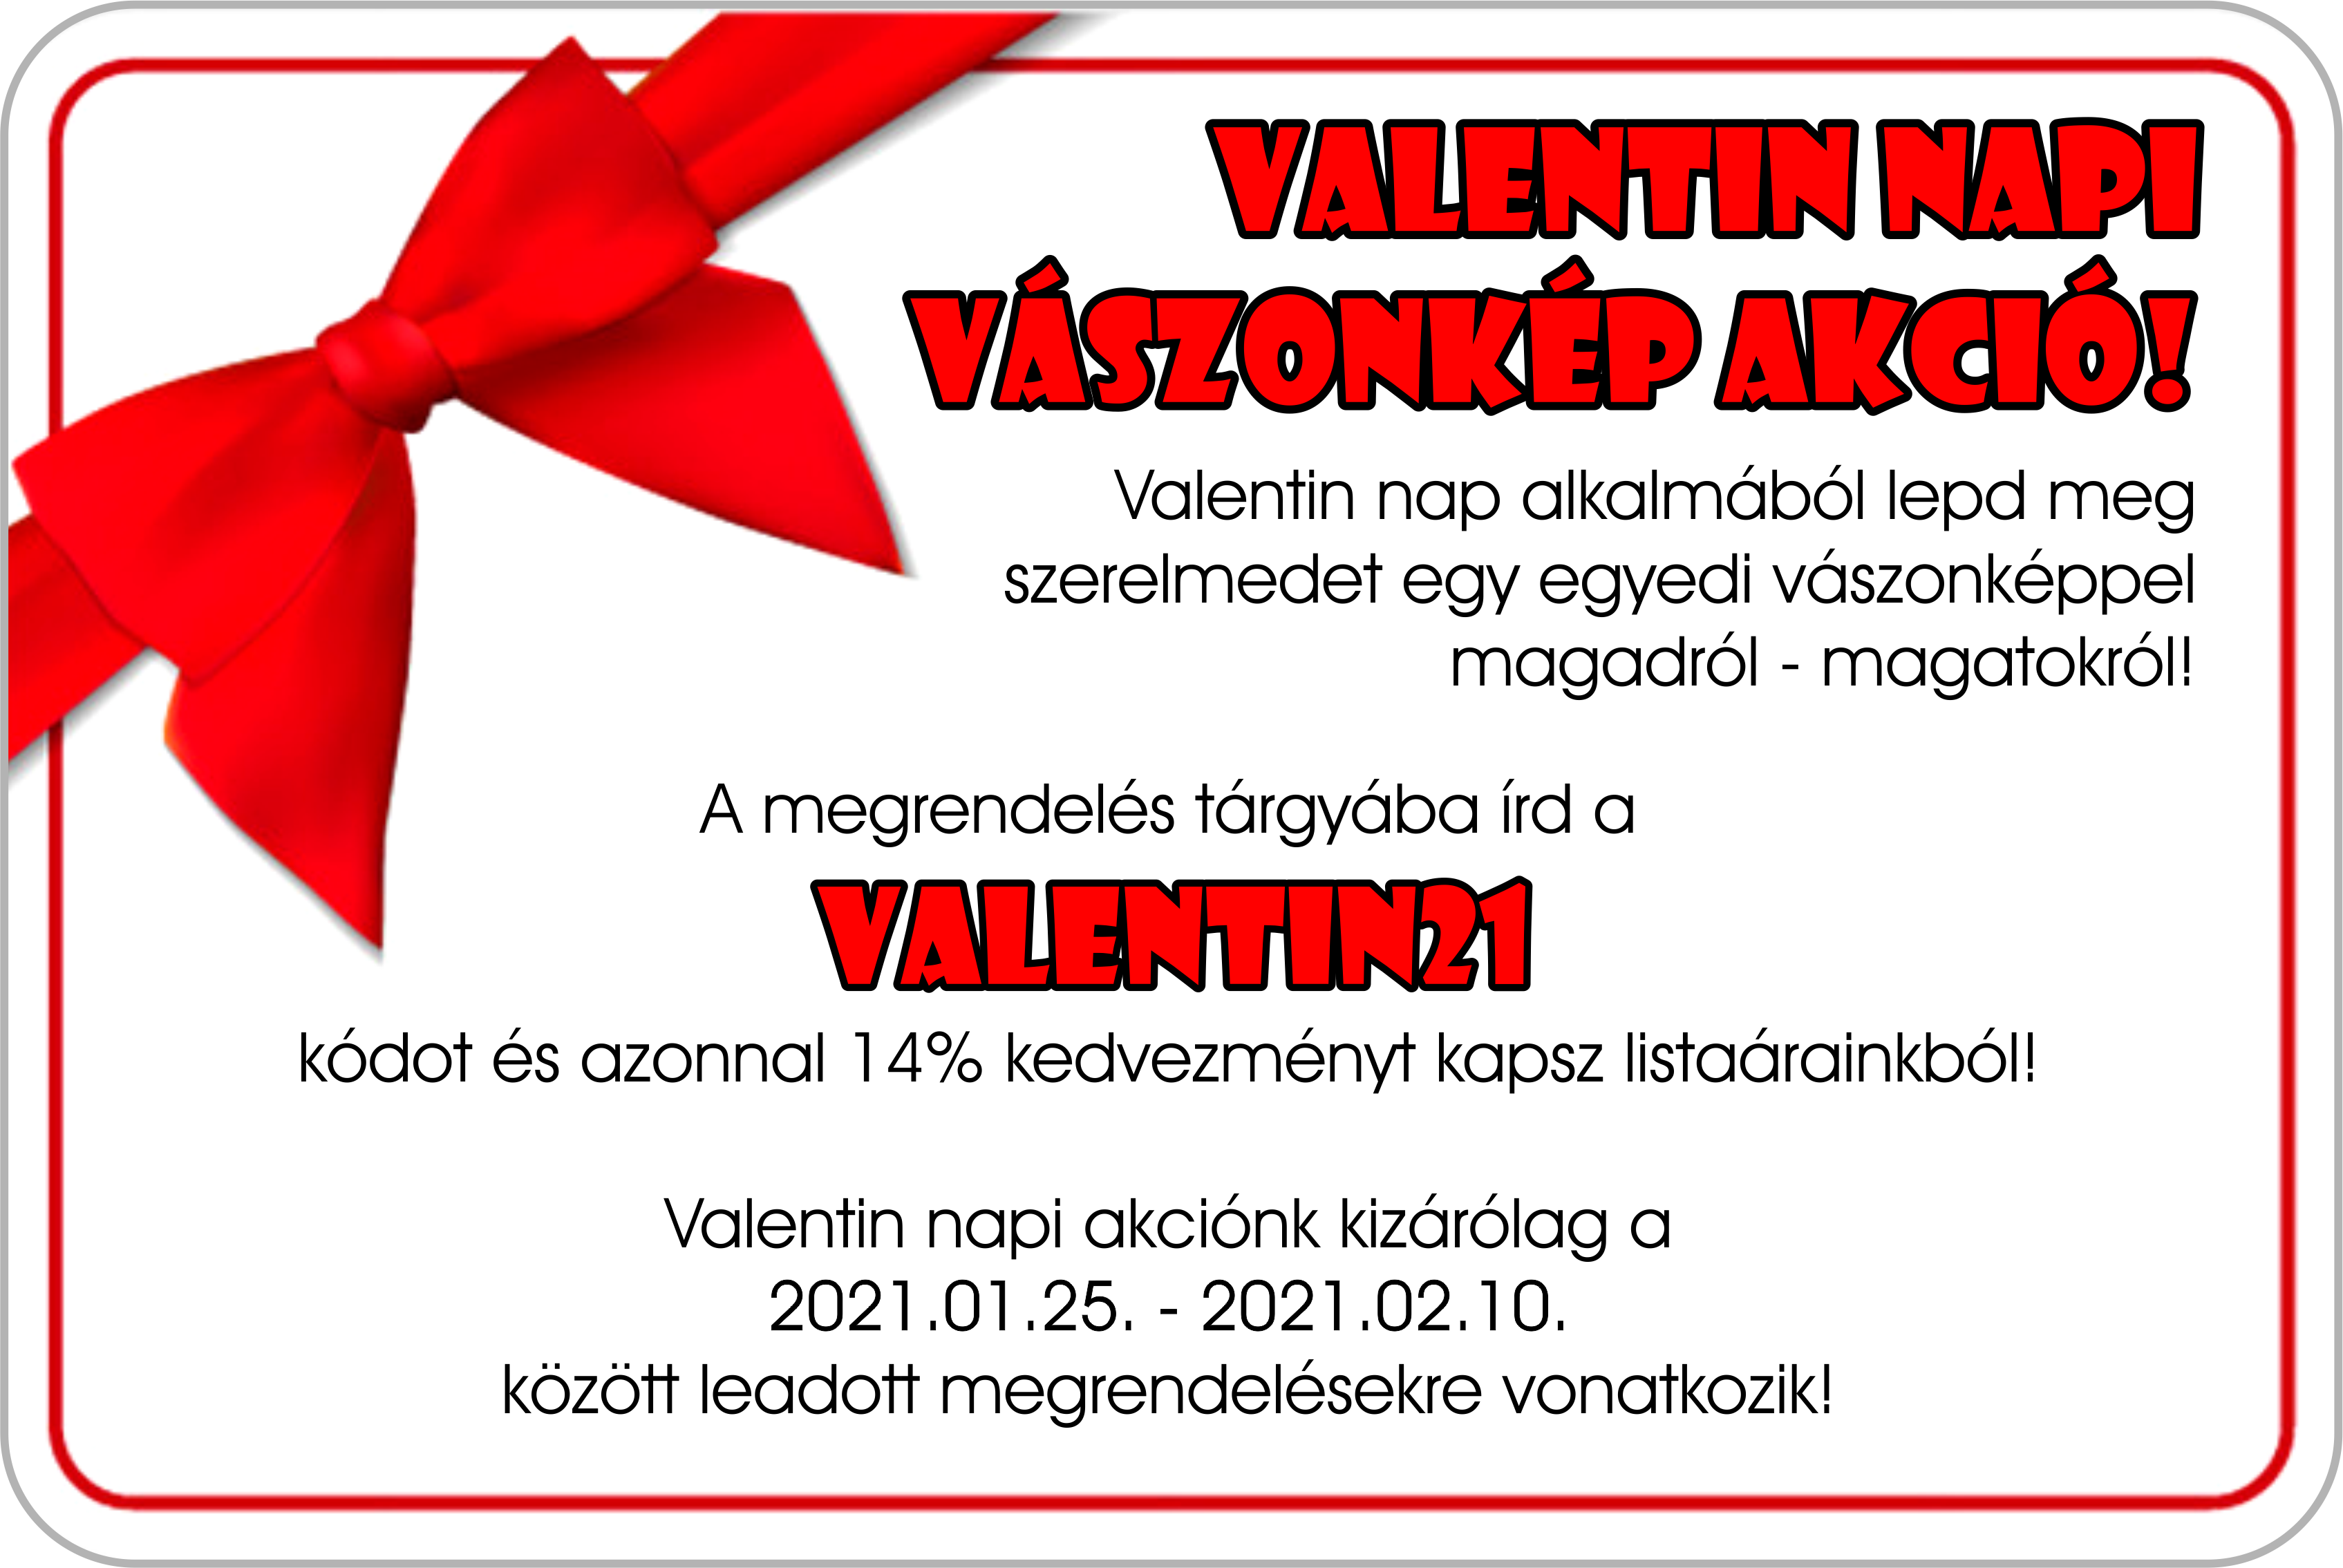 Valentin napi vászonkép akció